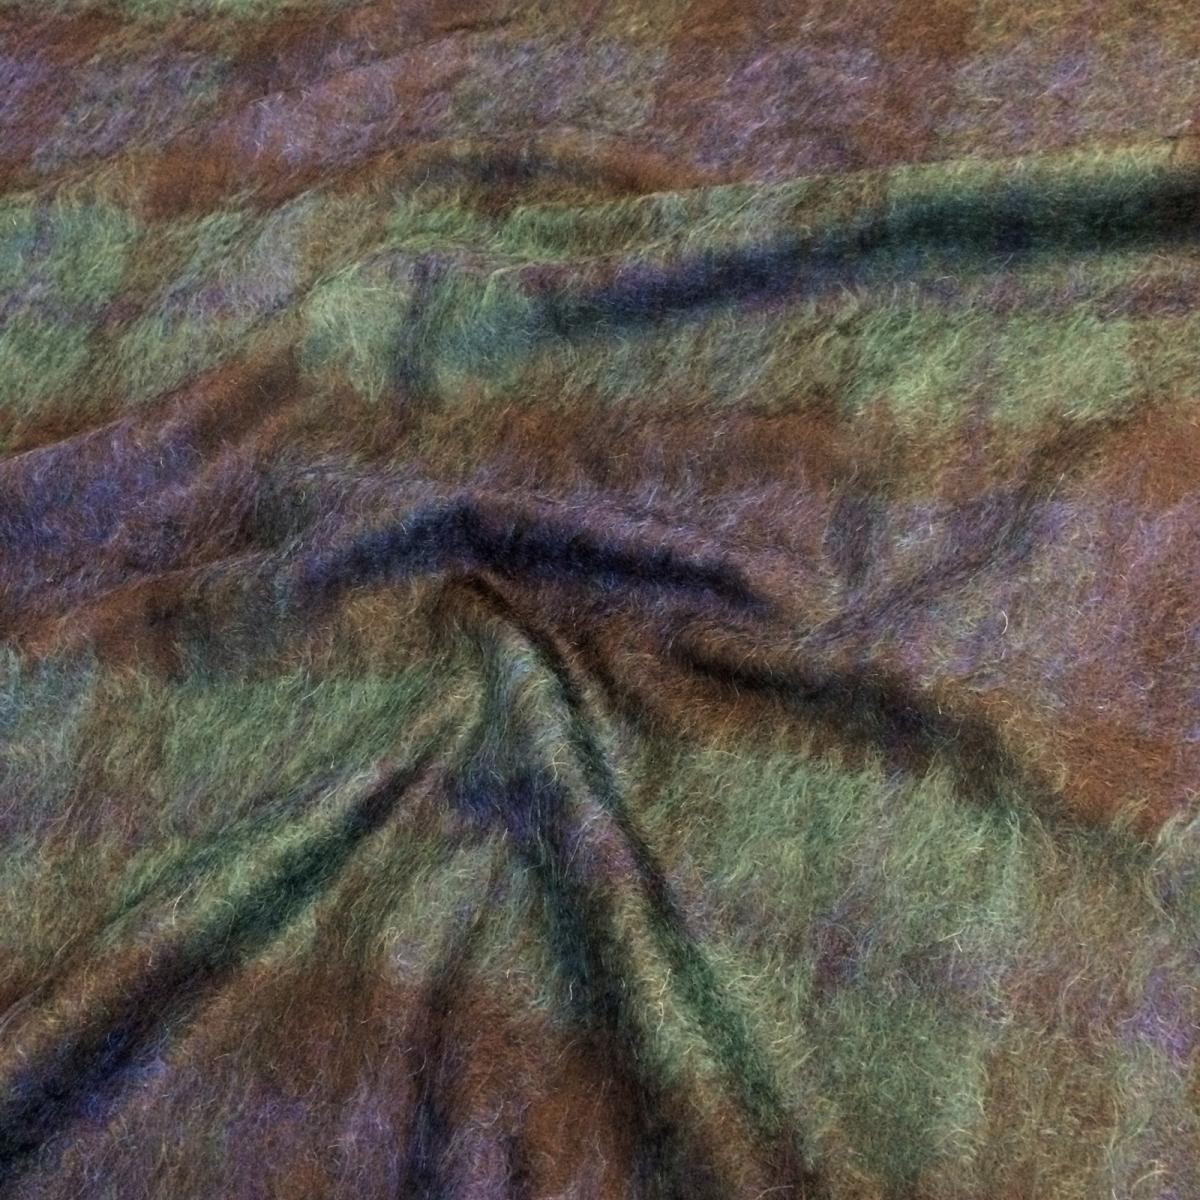 e666d7ab2c5b Ткань пальтово-костюмная с мохером сине-зеленая ворсовая клетка